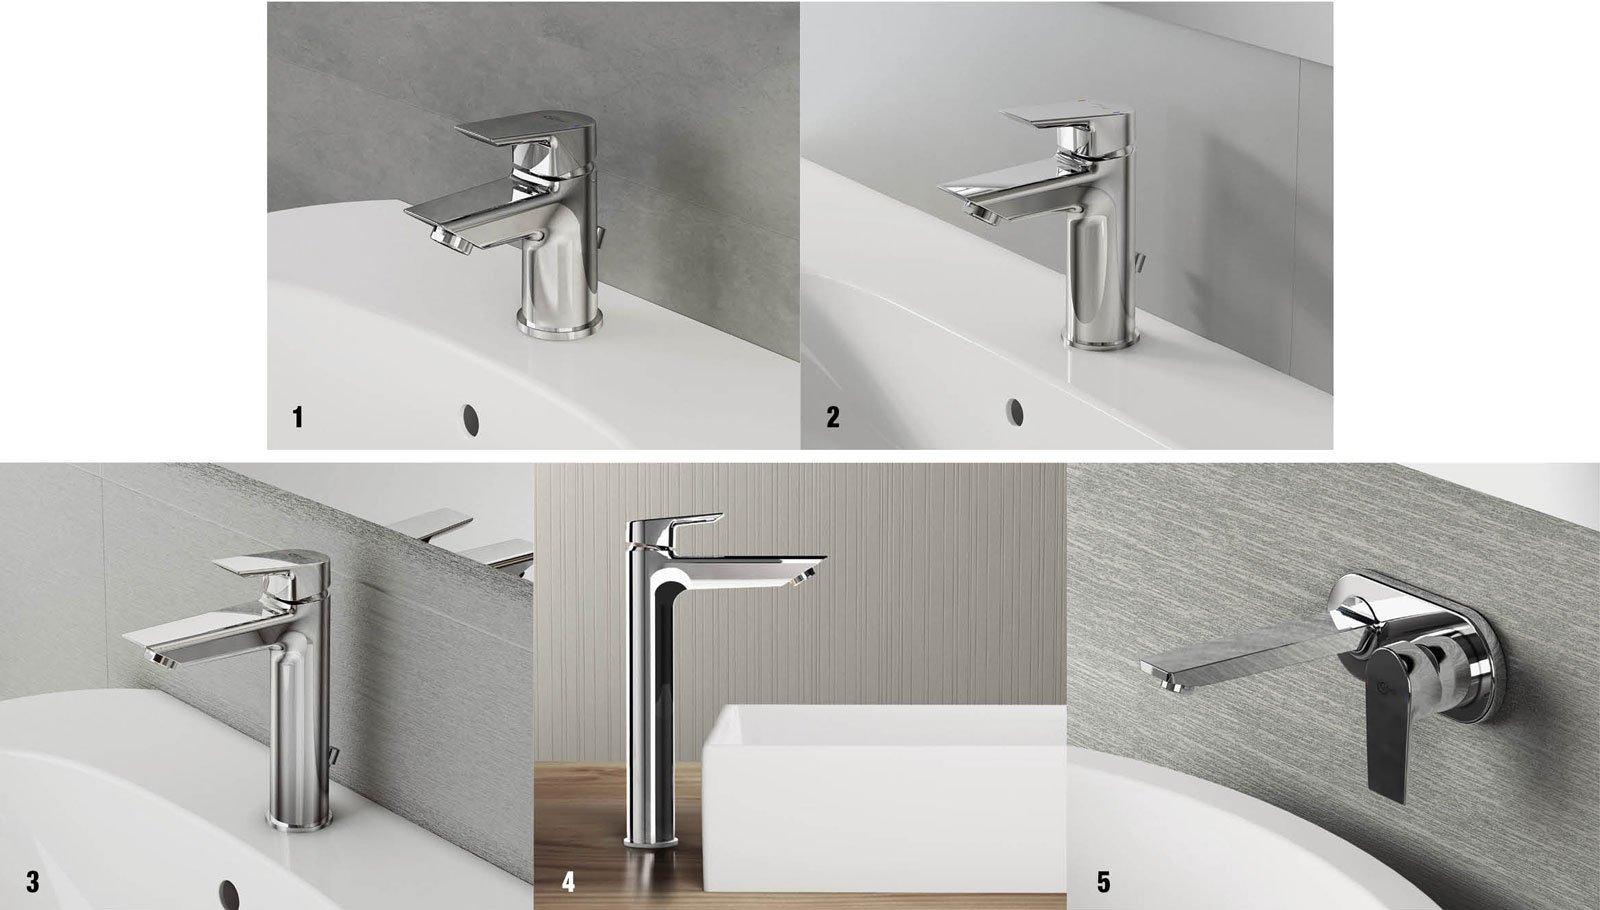 Tesi e ceramix per un bagno di tendenza cose di casa - Miscelatore a parete bagno ...